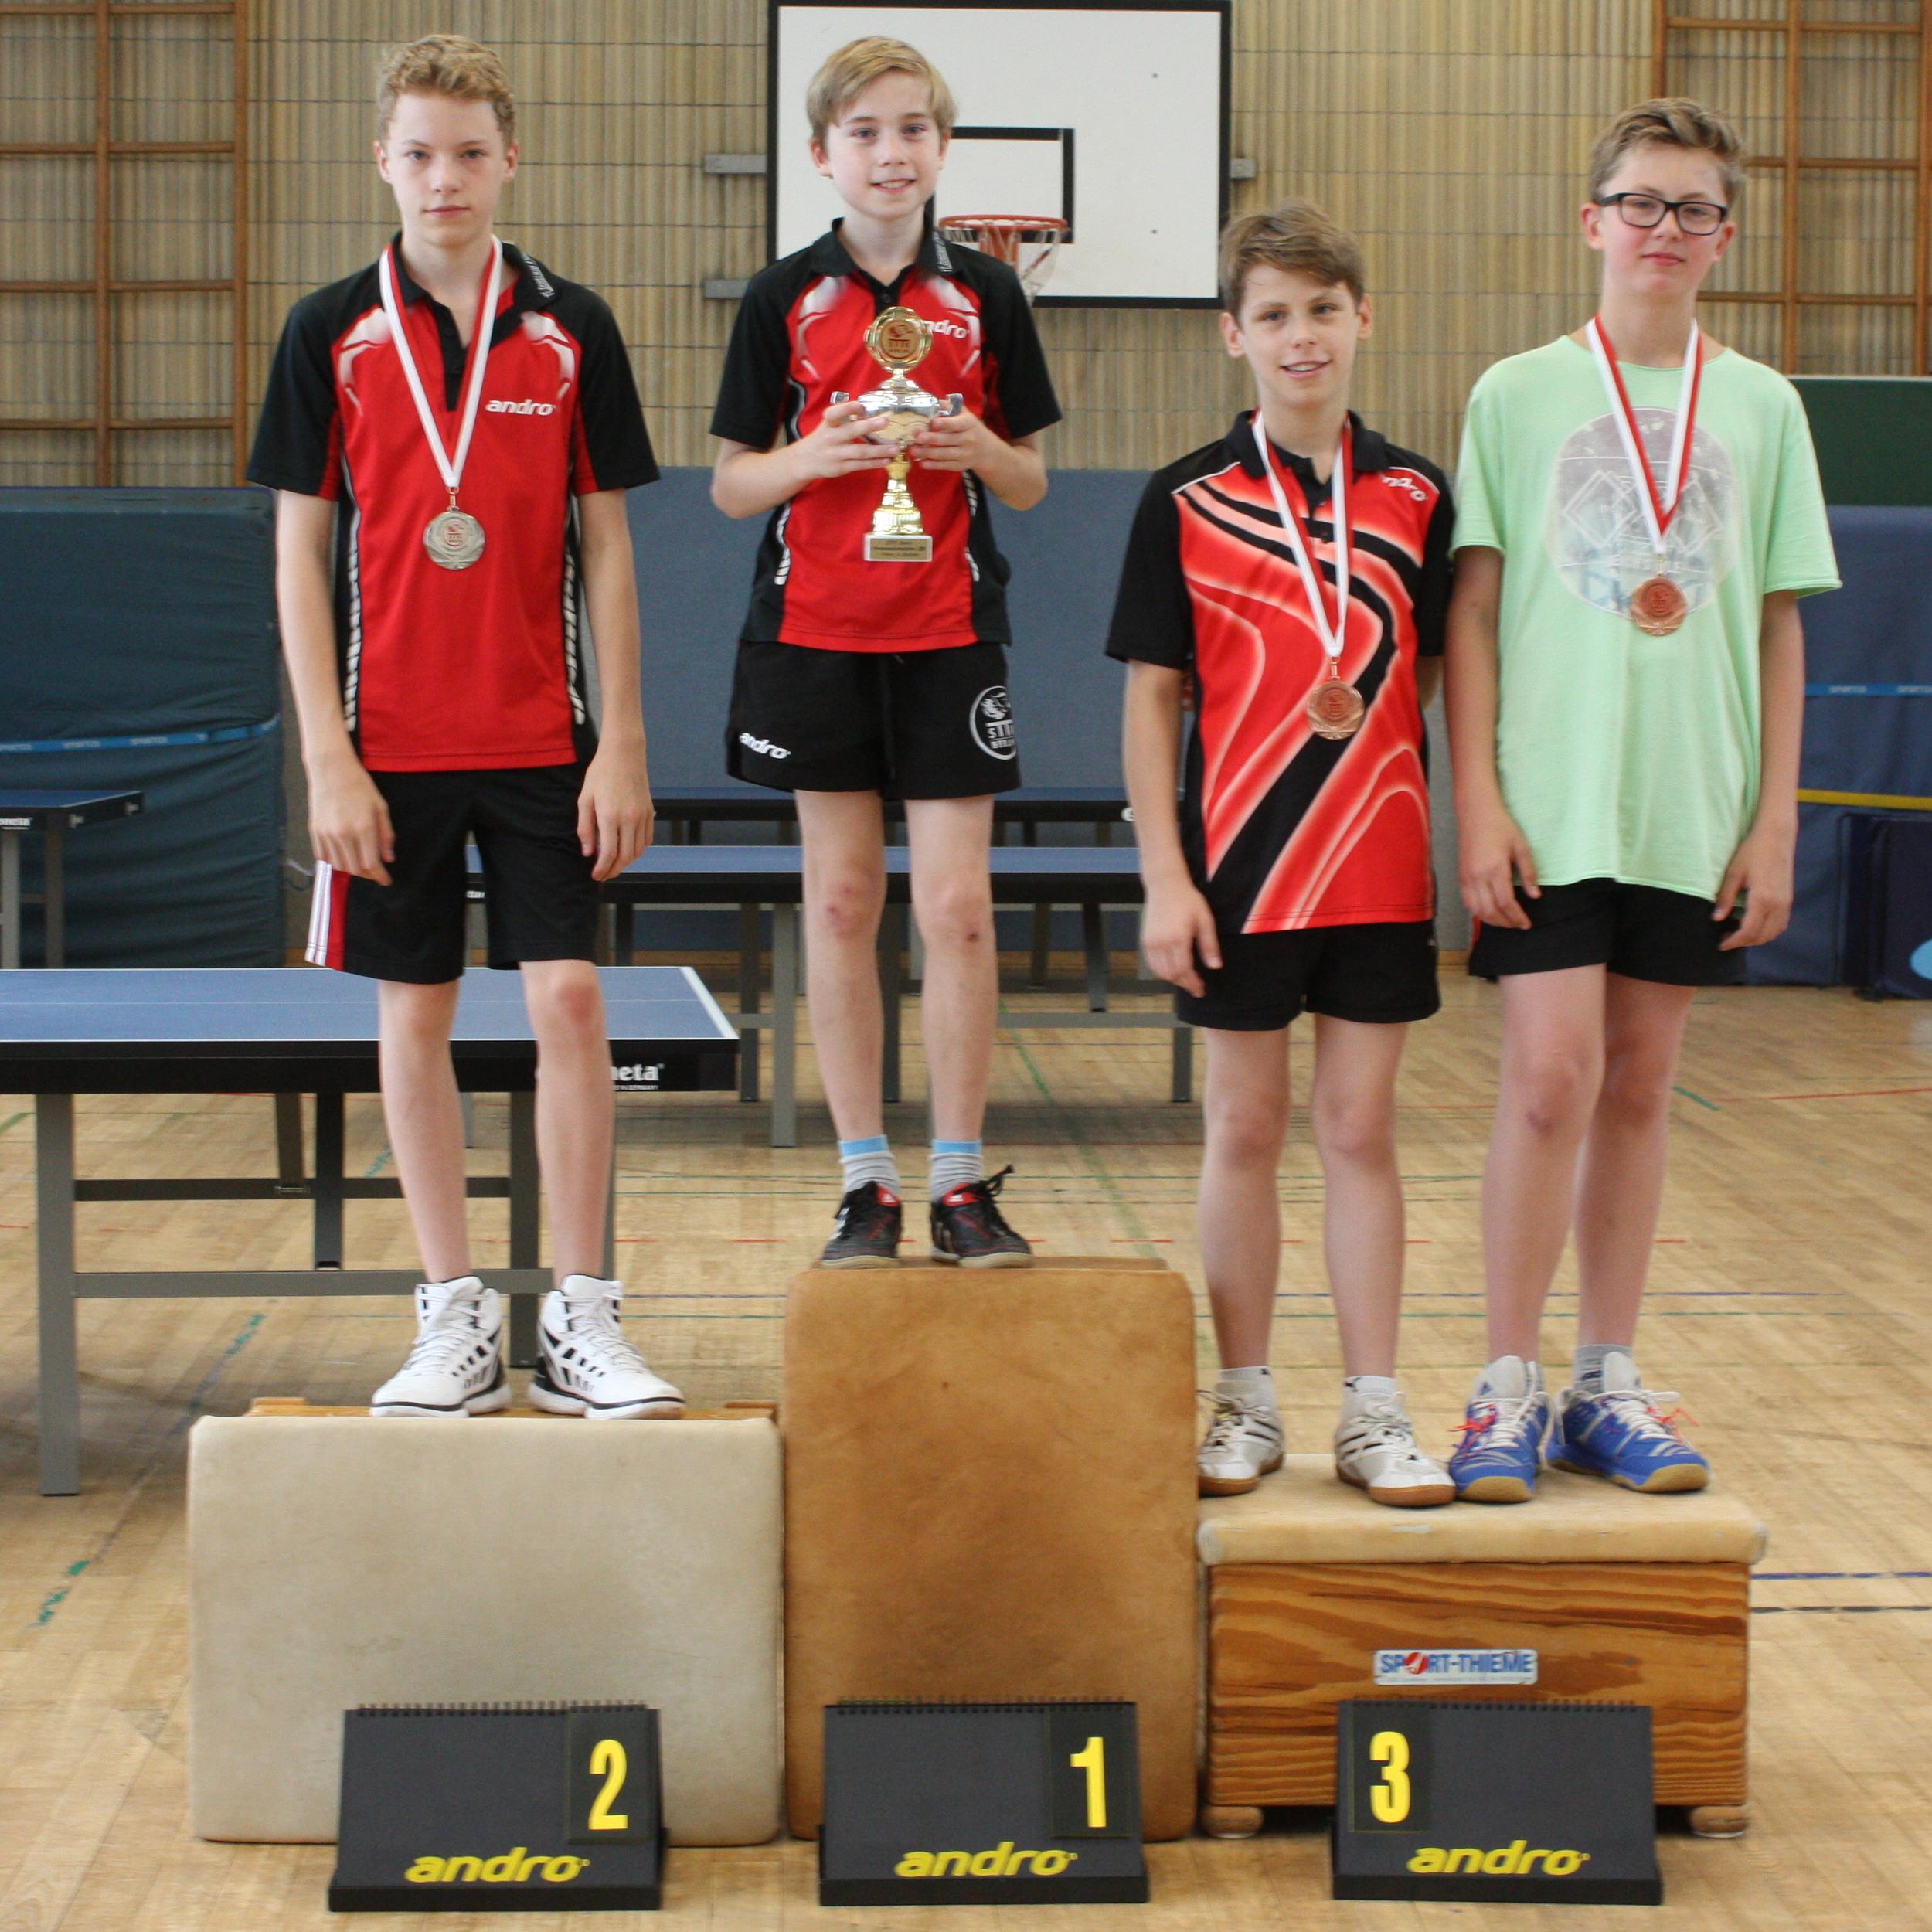 Siegerehrung A-Schüler: 1. Platz: Felix, 2. Platz: Marvin, 3. Plätze: Finn, Julien